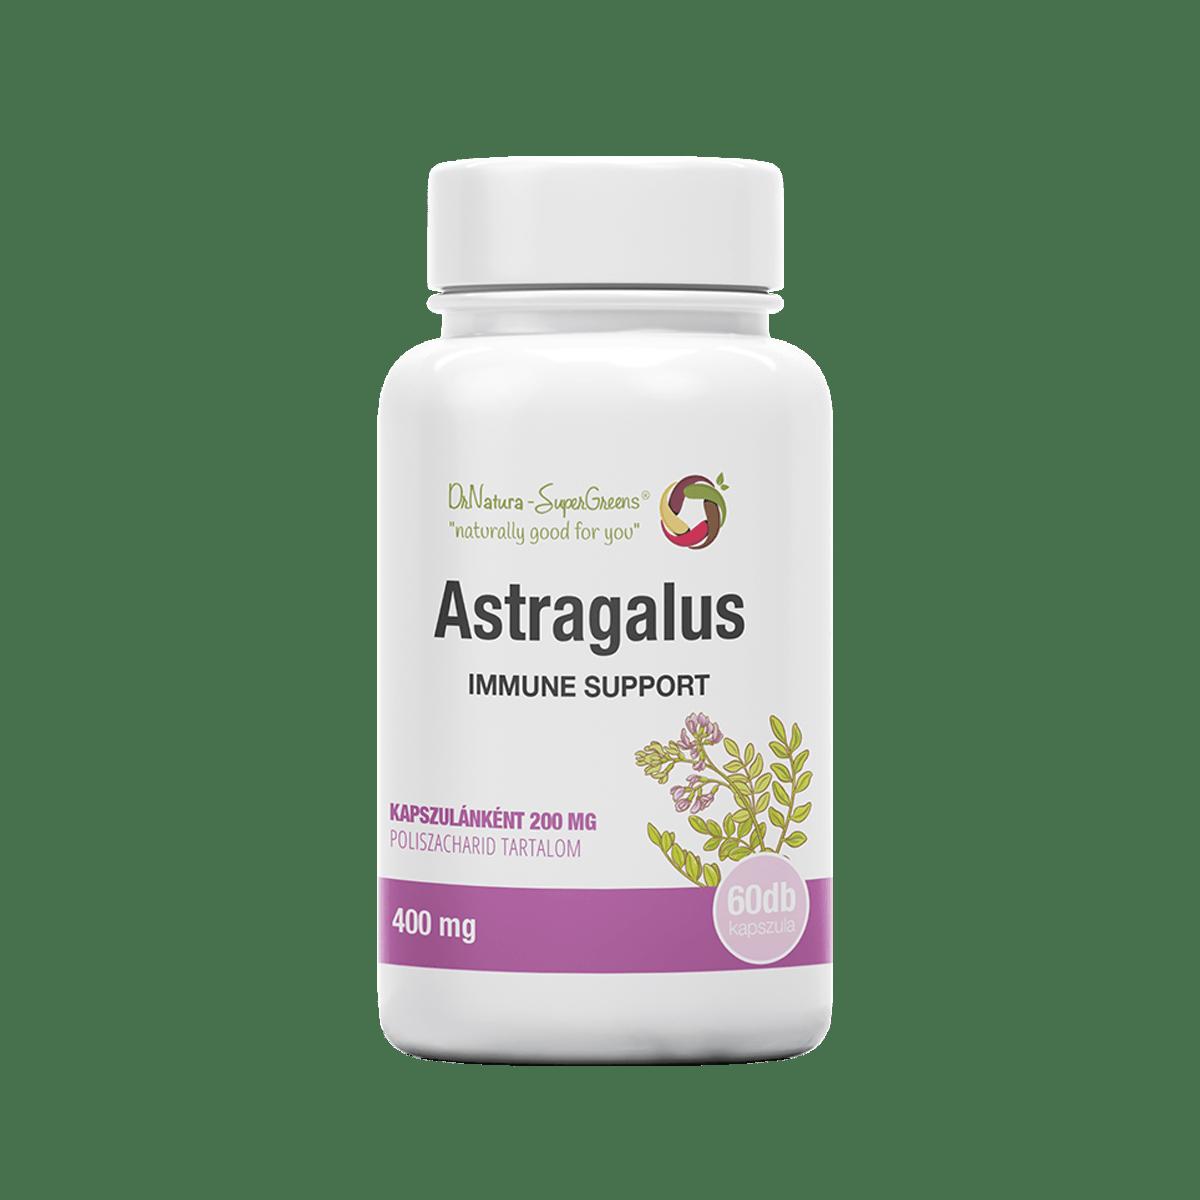 astragalus magas vérnyomás kezelésére gyógyszerek magas vérnyomás kezelésére szívelégtelenségben